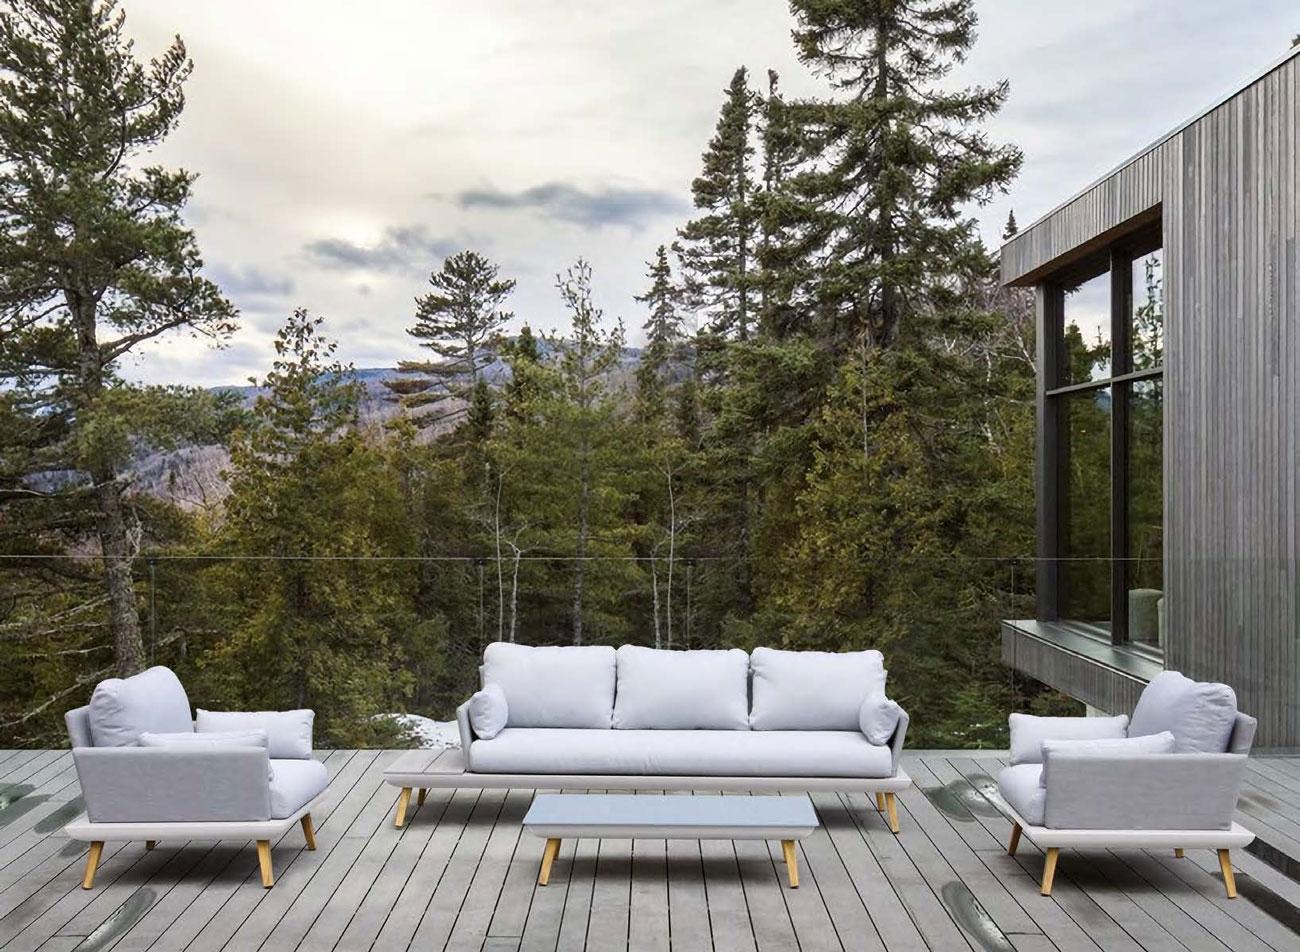 SET SOFA DE EXTERIOR BOREAL - Set para terraza o jardín modelo BOREAL de Majestic Garden